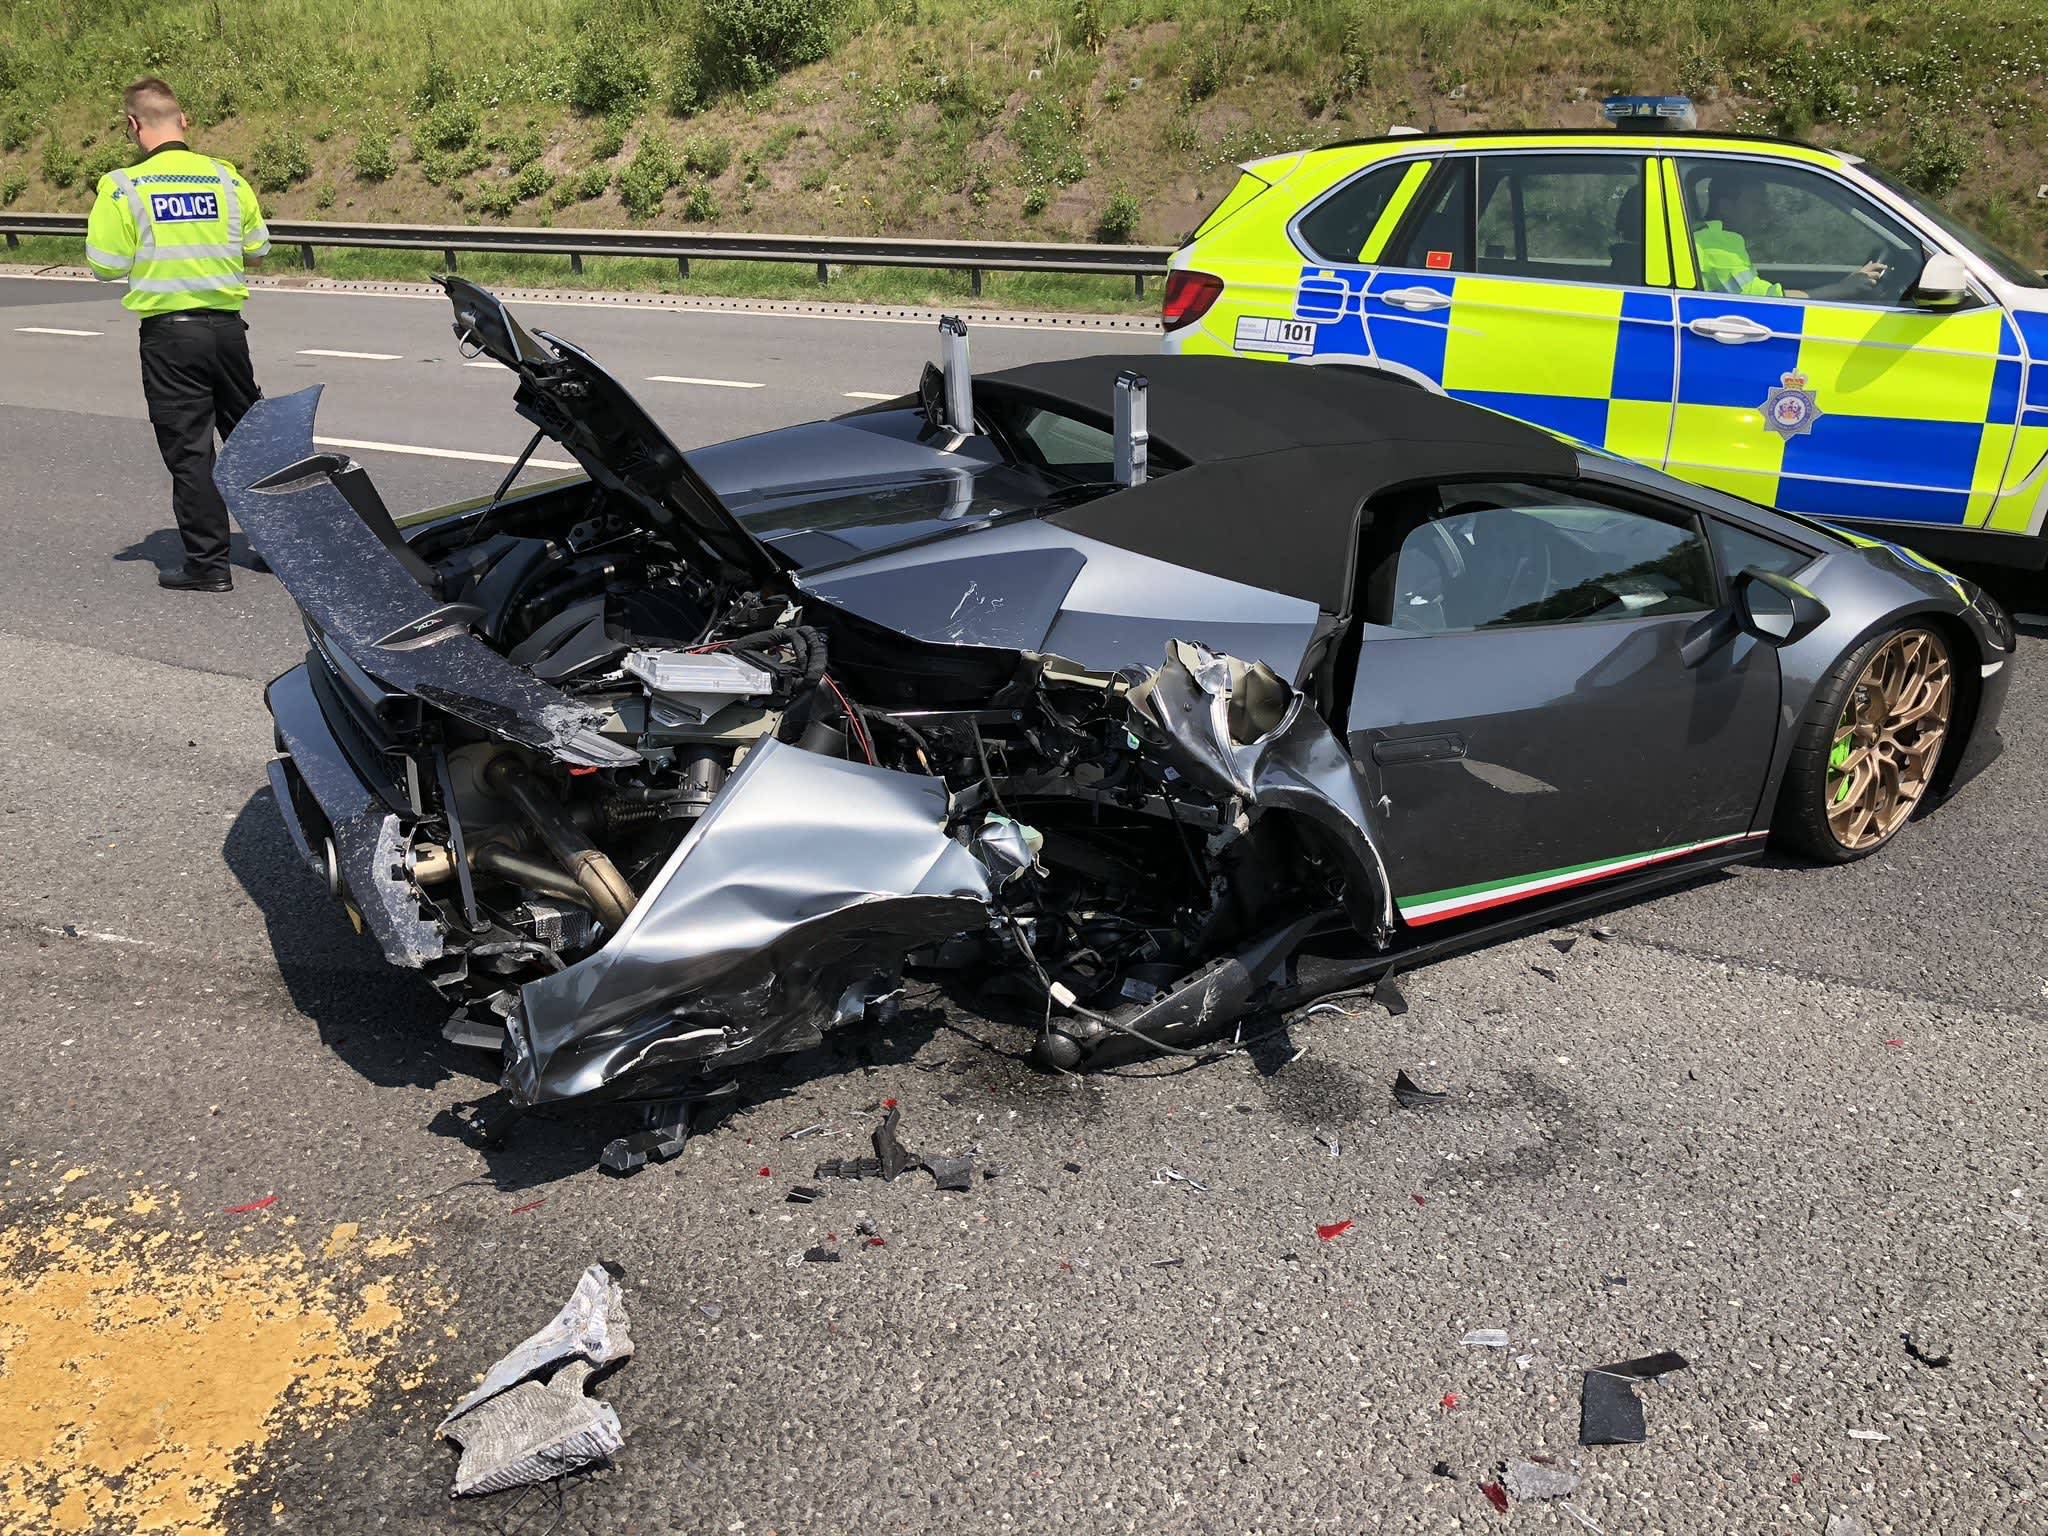 Lamborghini ha distrutto solo 20 minuti dopo aver lasciato lo showroom